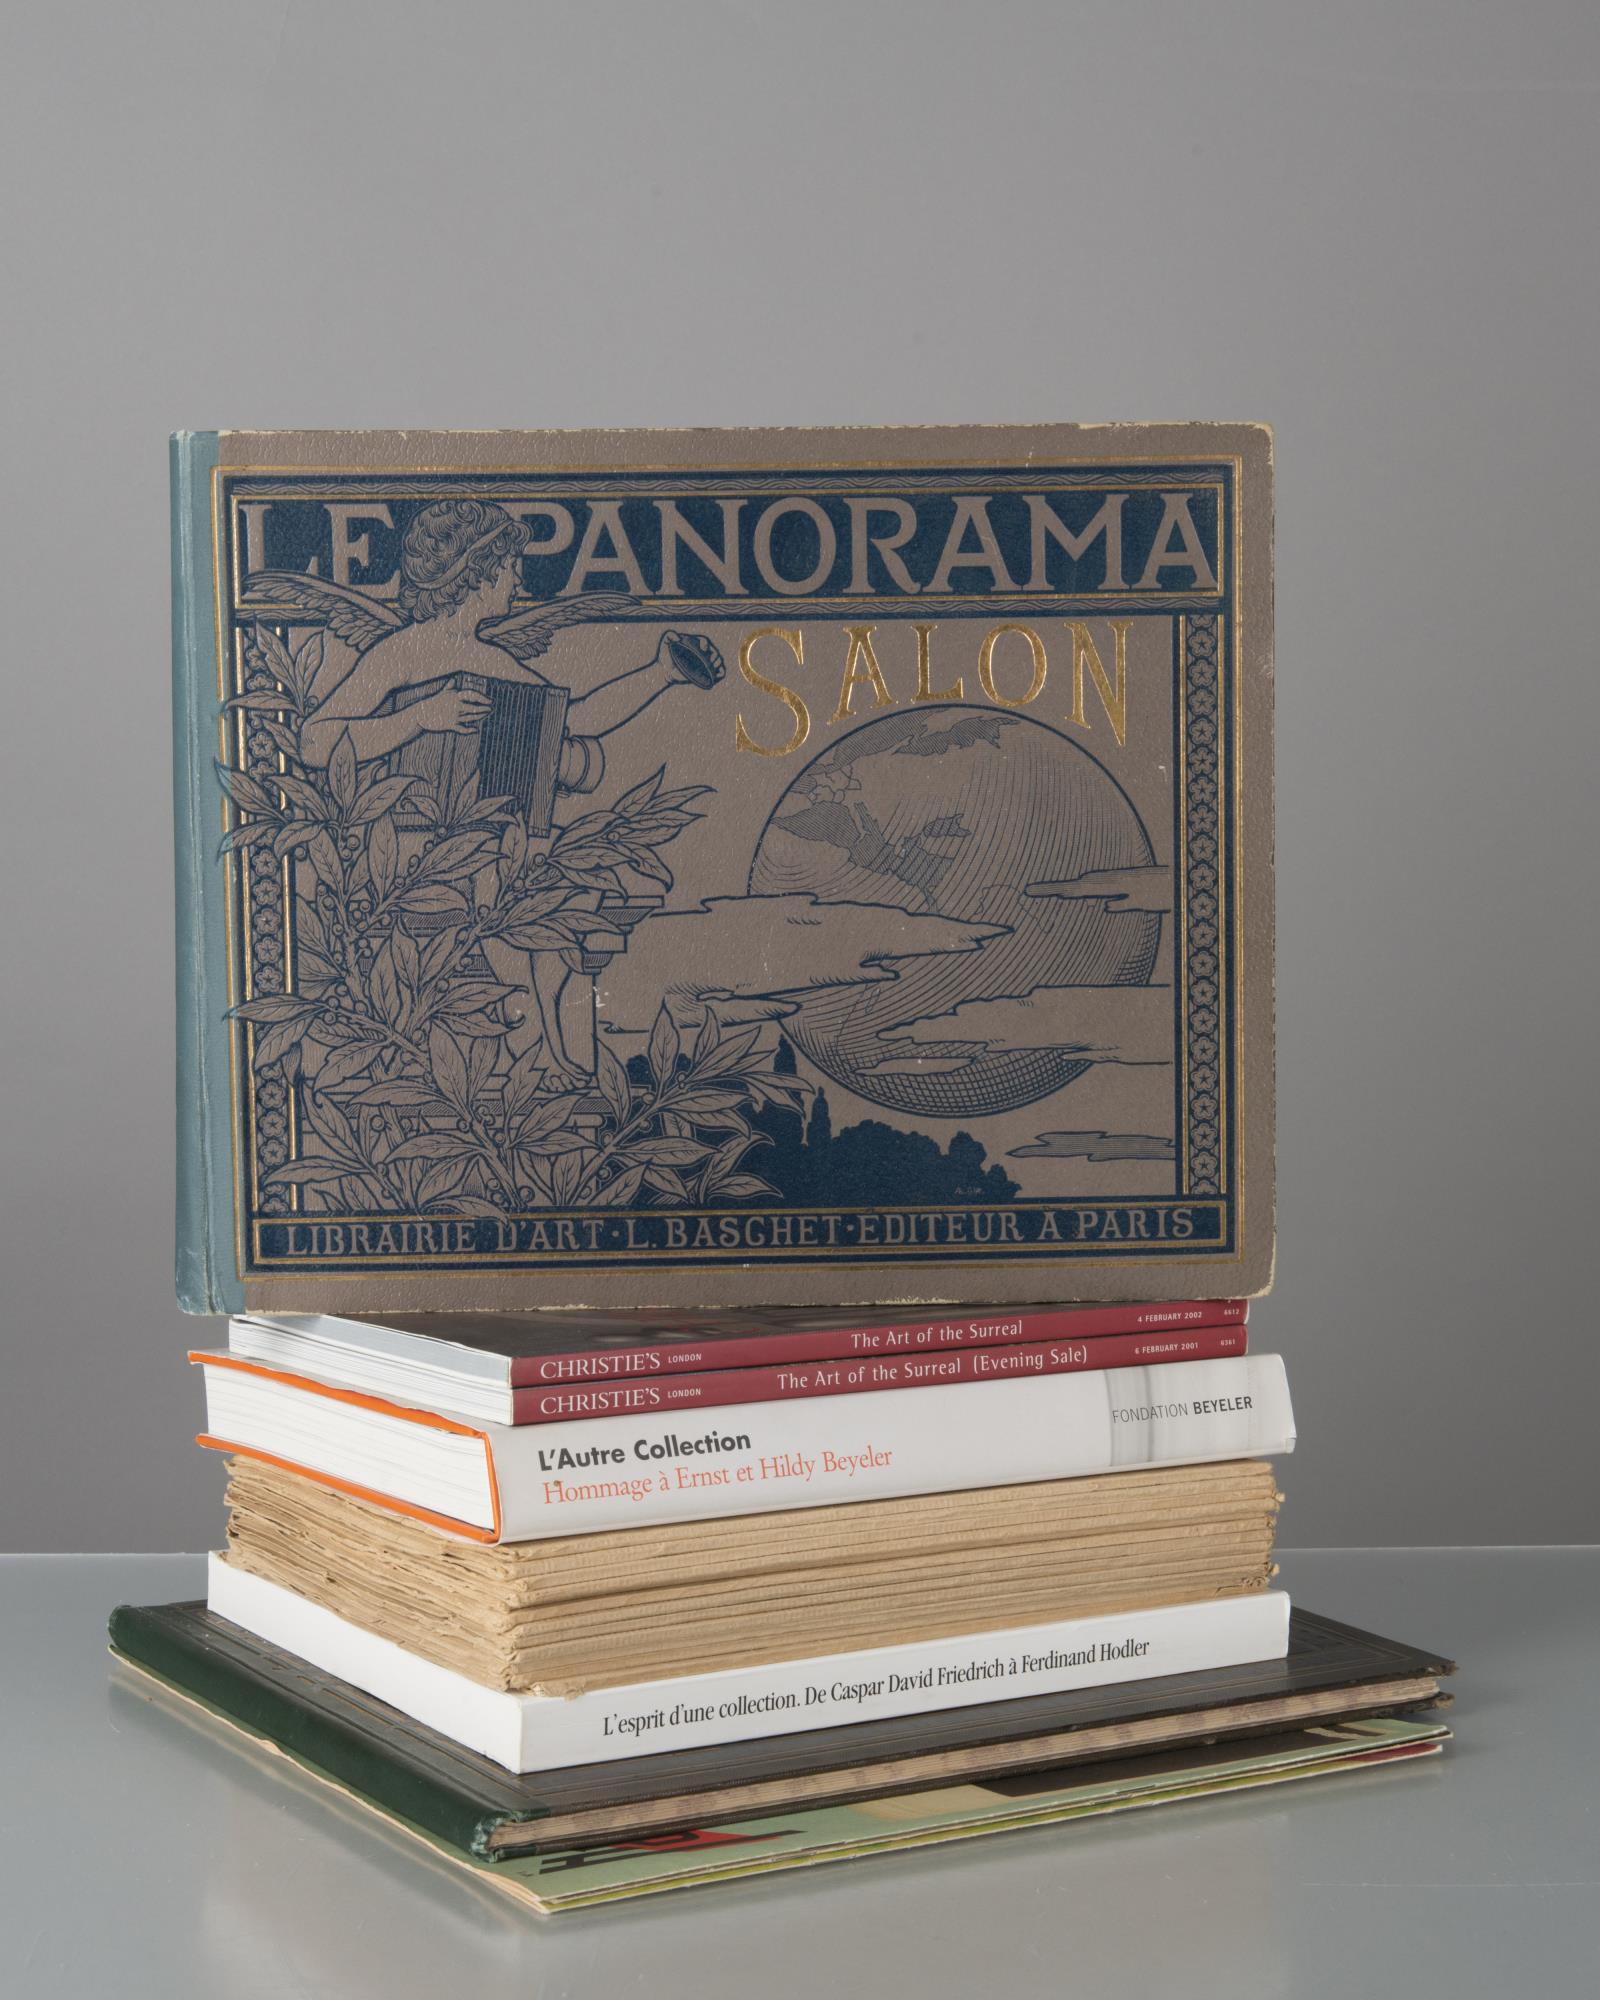 lot de livres sur l'univers des collectionneurs